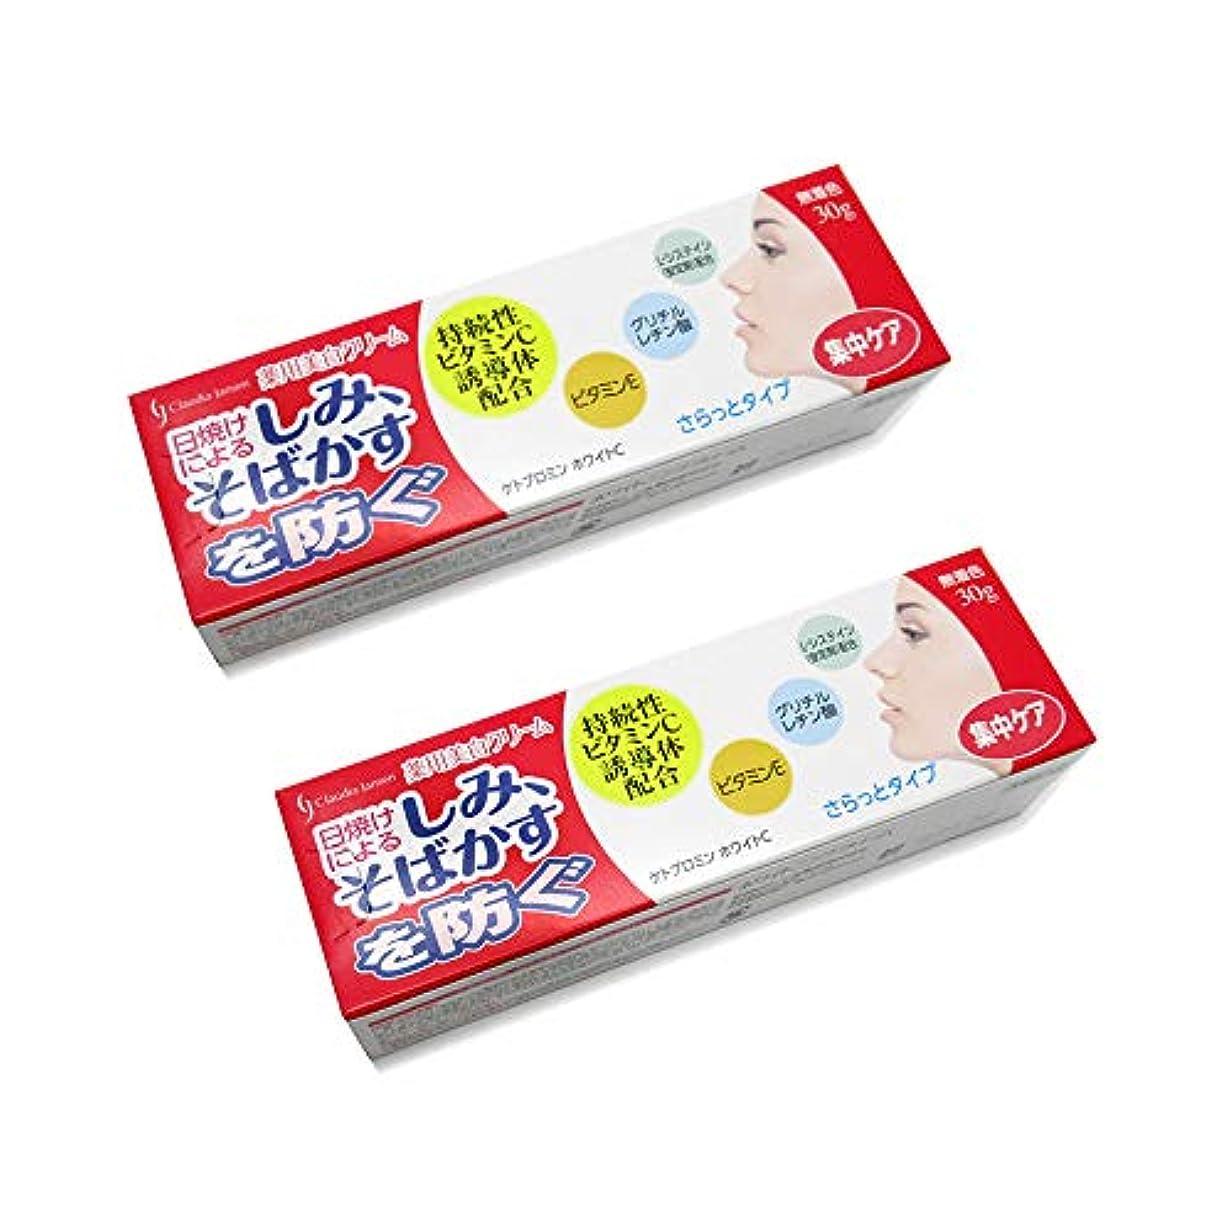 として記録インデックス薬用ホワイトニングクリームC 30g 2個セット 美白クリーム 薬用 美白クリーム 美白ケア 医薬部外品